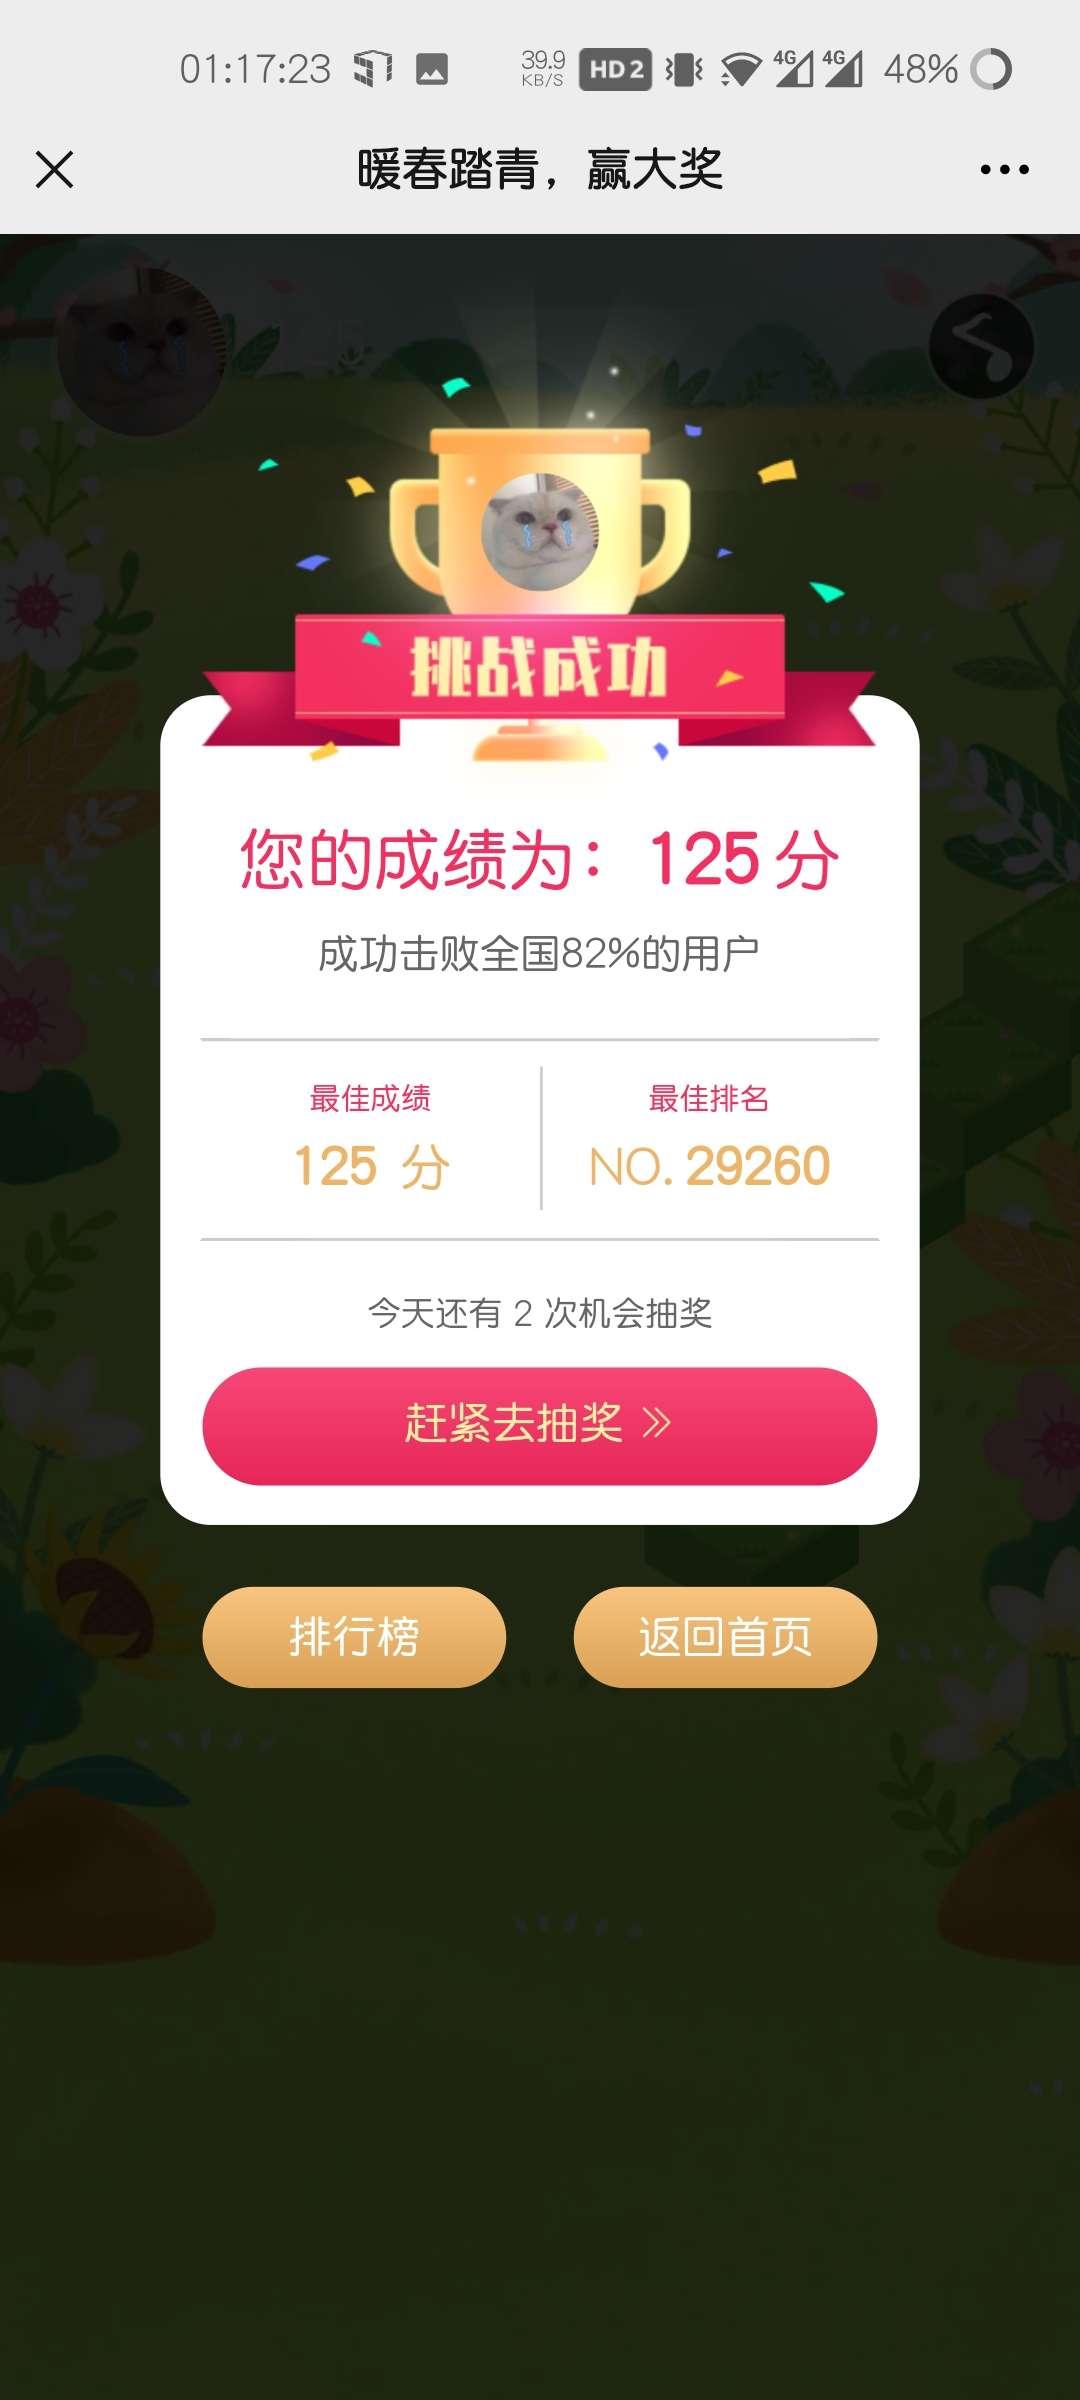 中国建设银行暖春踏青赢大奖抽红包